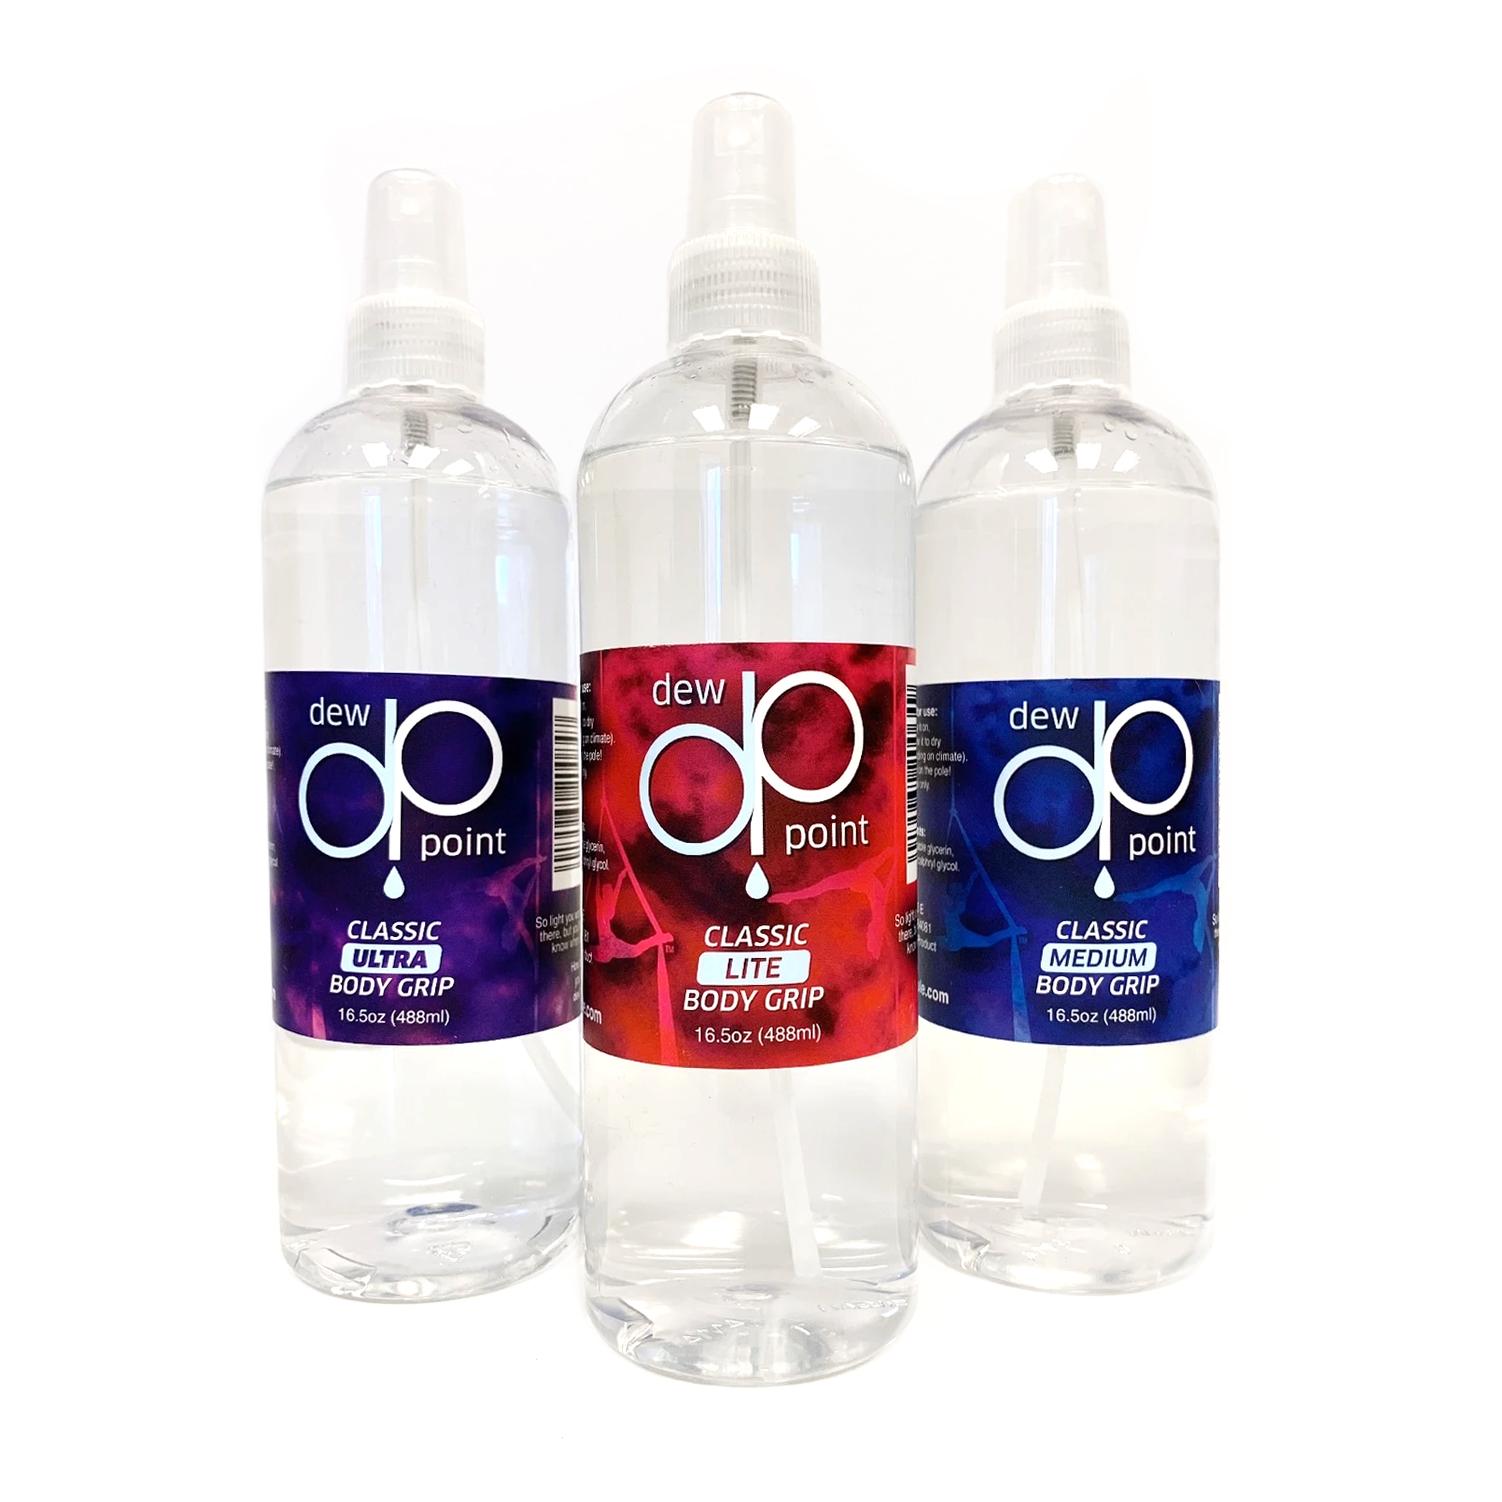 dew-point-pole-grip-spray-16.5oz